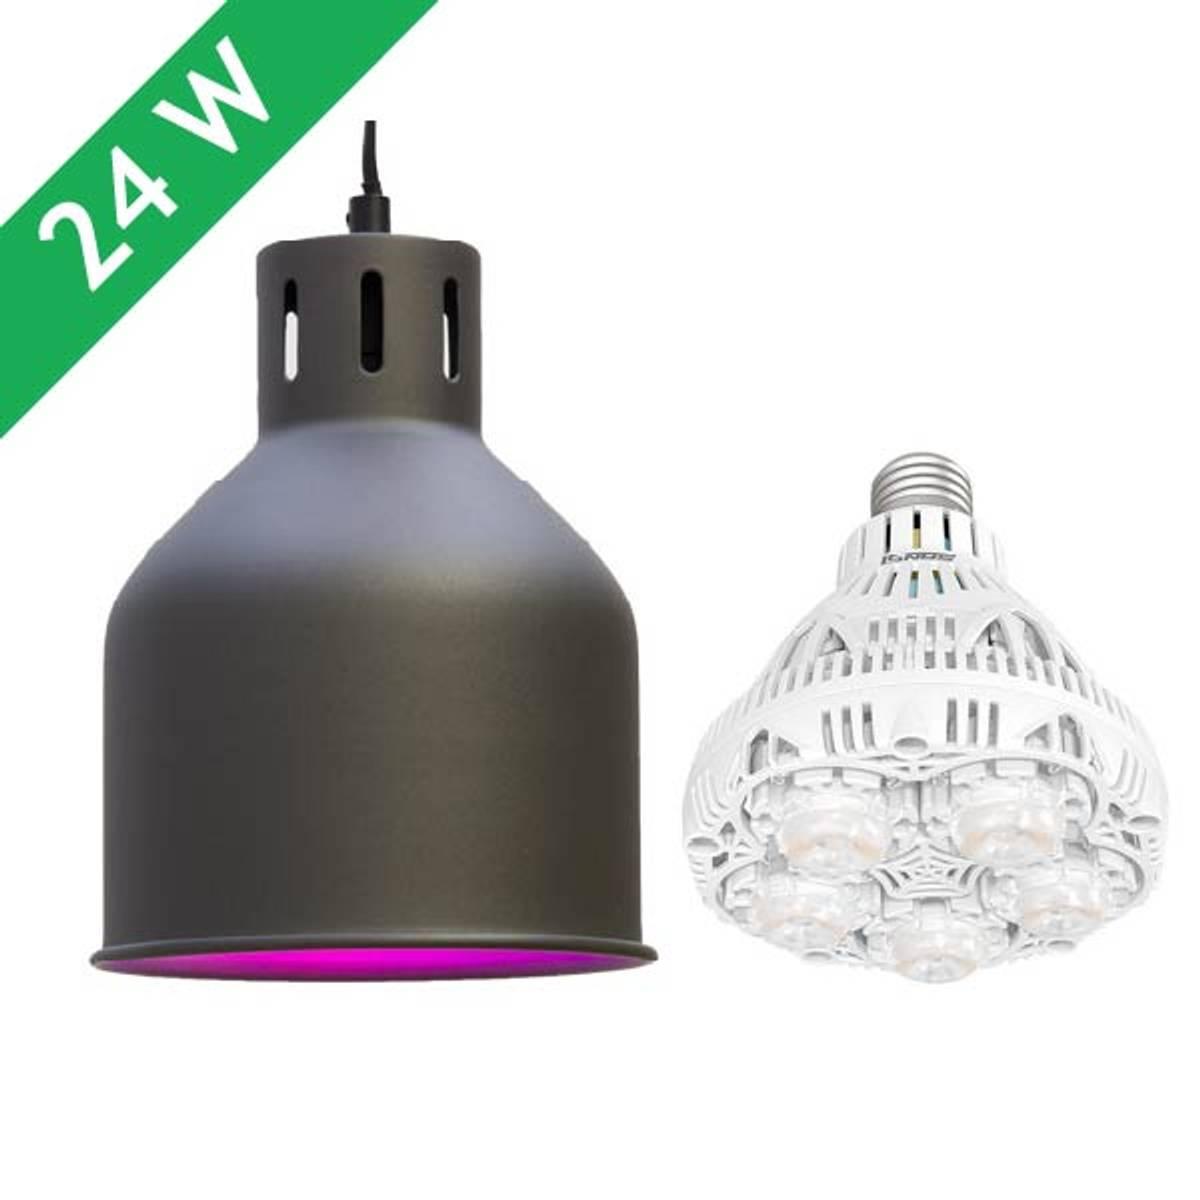 Saga armatur 'grå' med LED-pære 24 W